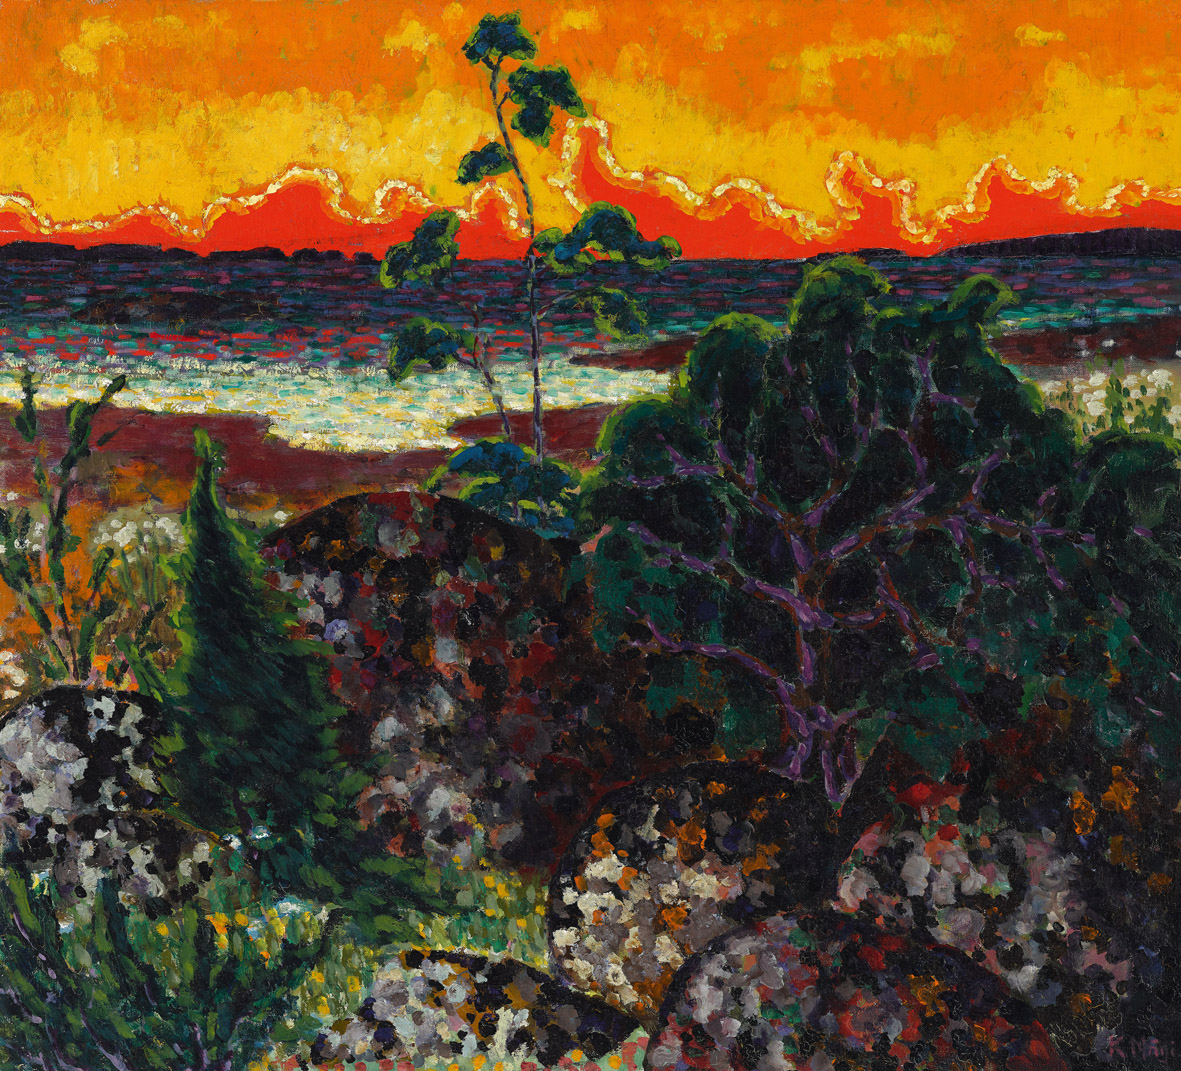 Mägi: Paesaggio con nuvola rossa. 1913–1914, Olio su tela. 70,4 × 78. © Stanislav Konrad